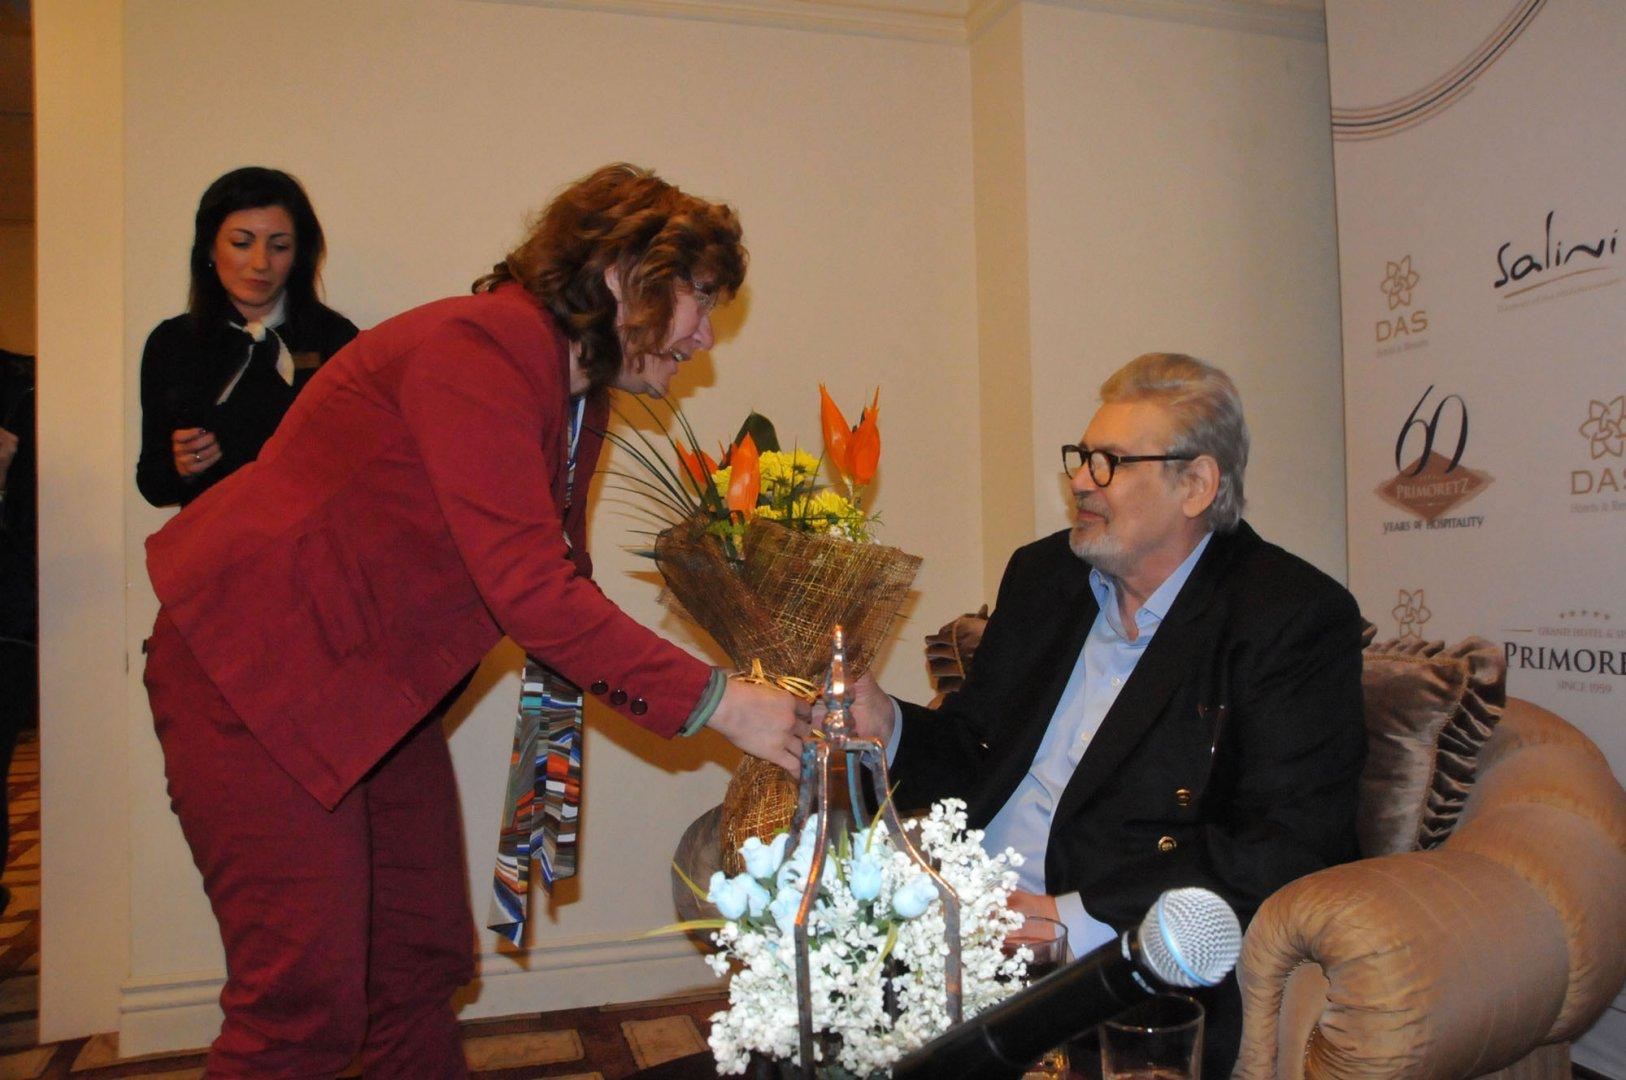 Заместник-кметът по култура в Община Бургас Йорданка Ананиева поднесе цветя на Стефан Данаилов. Снимки Лина Главинова